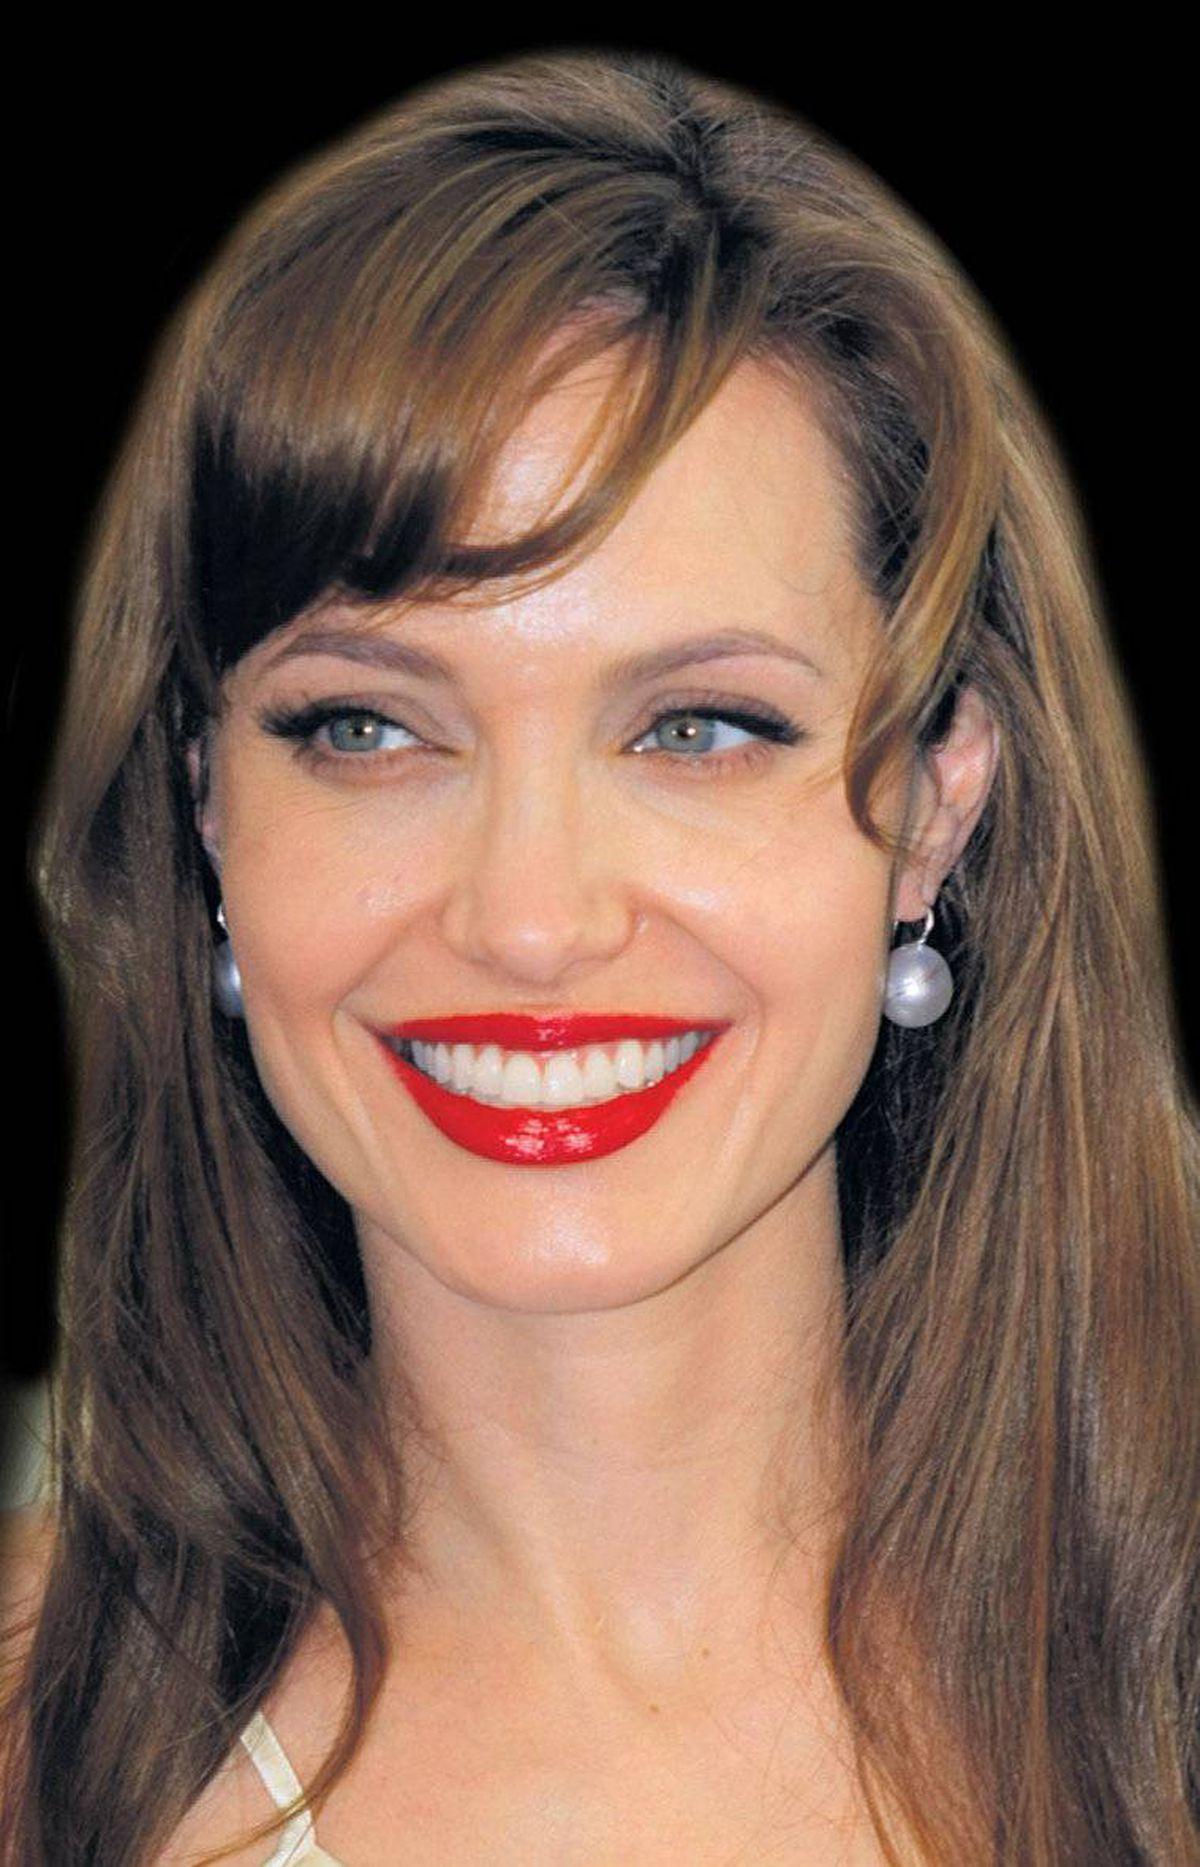 Angelina Jolie: Vermillion vixen